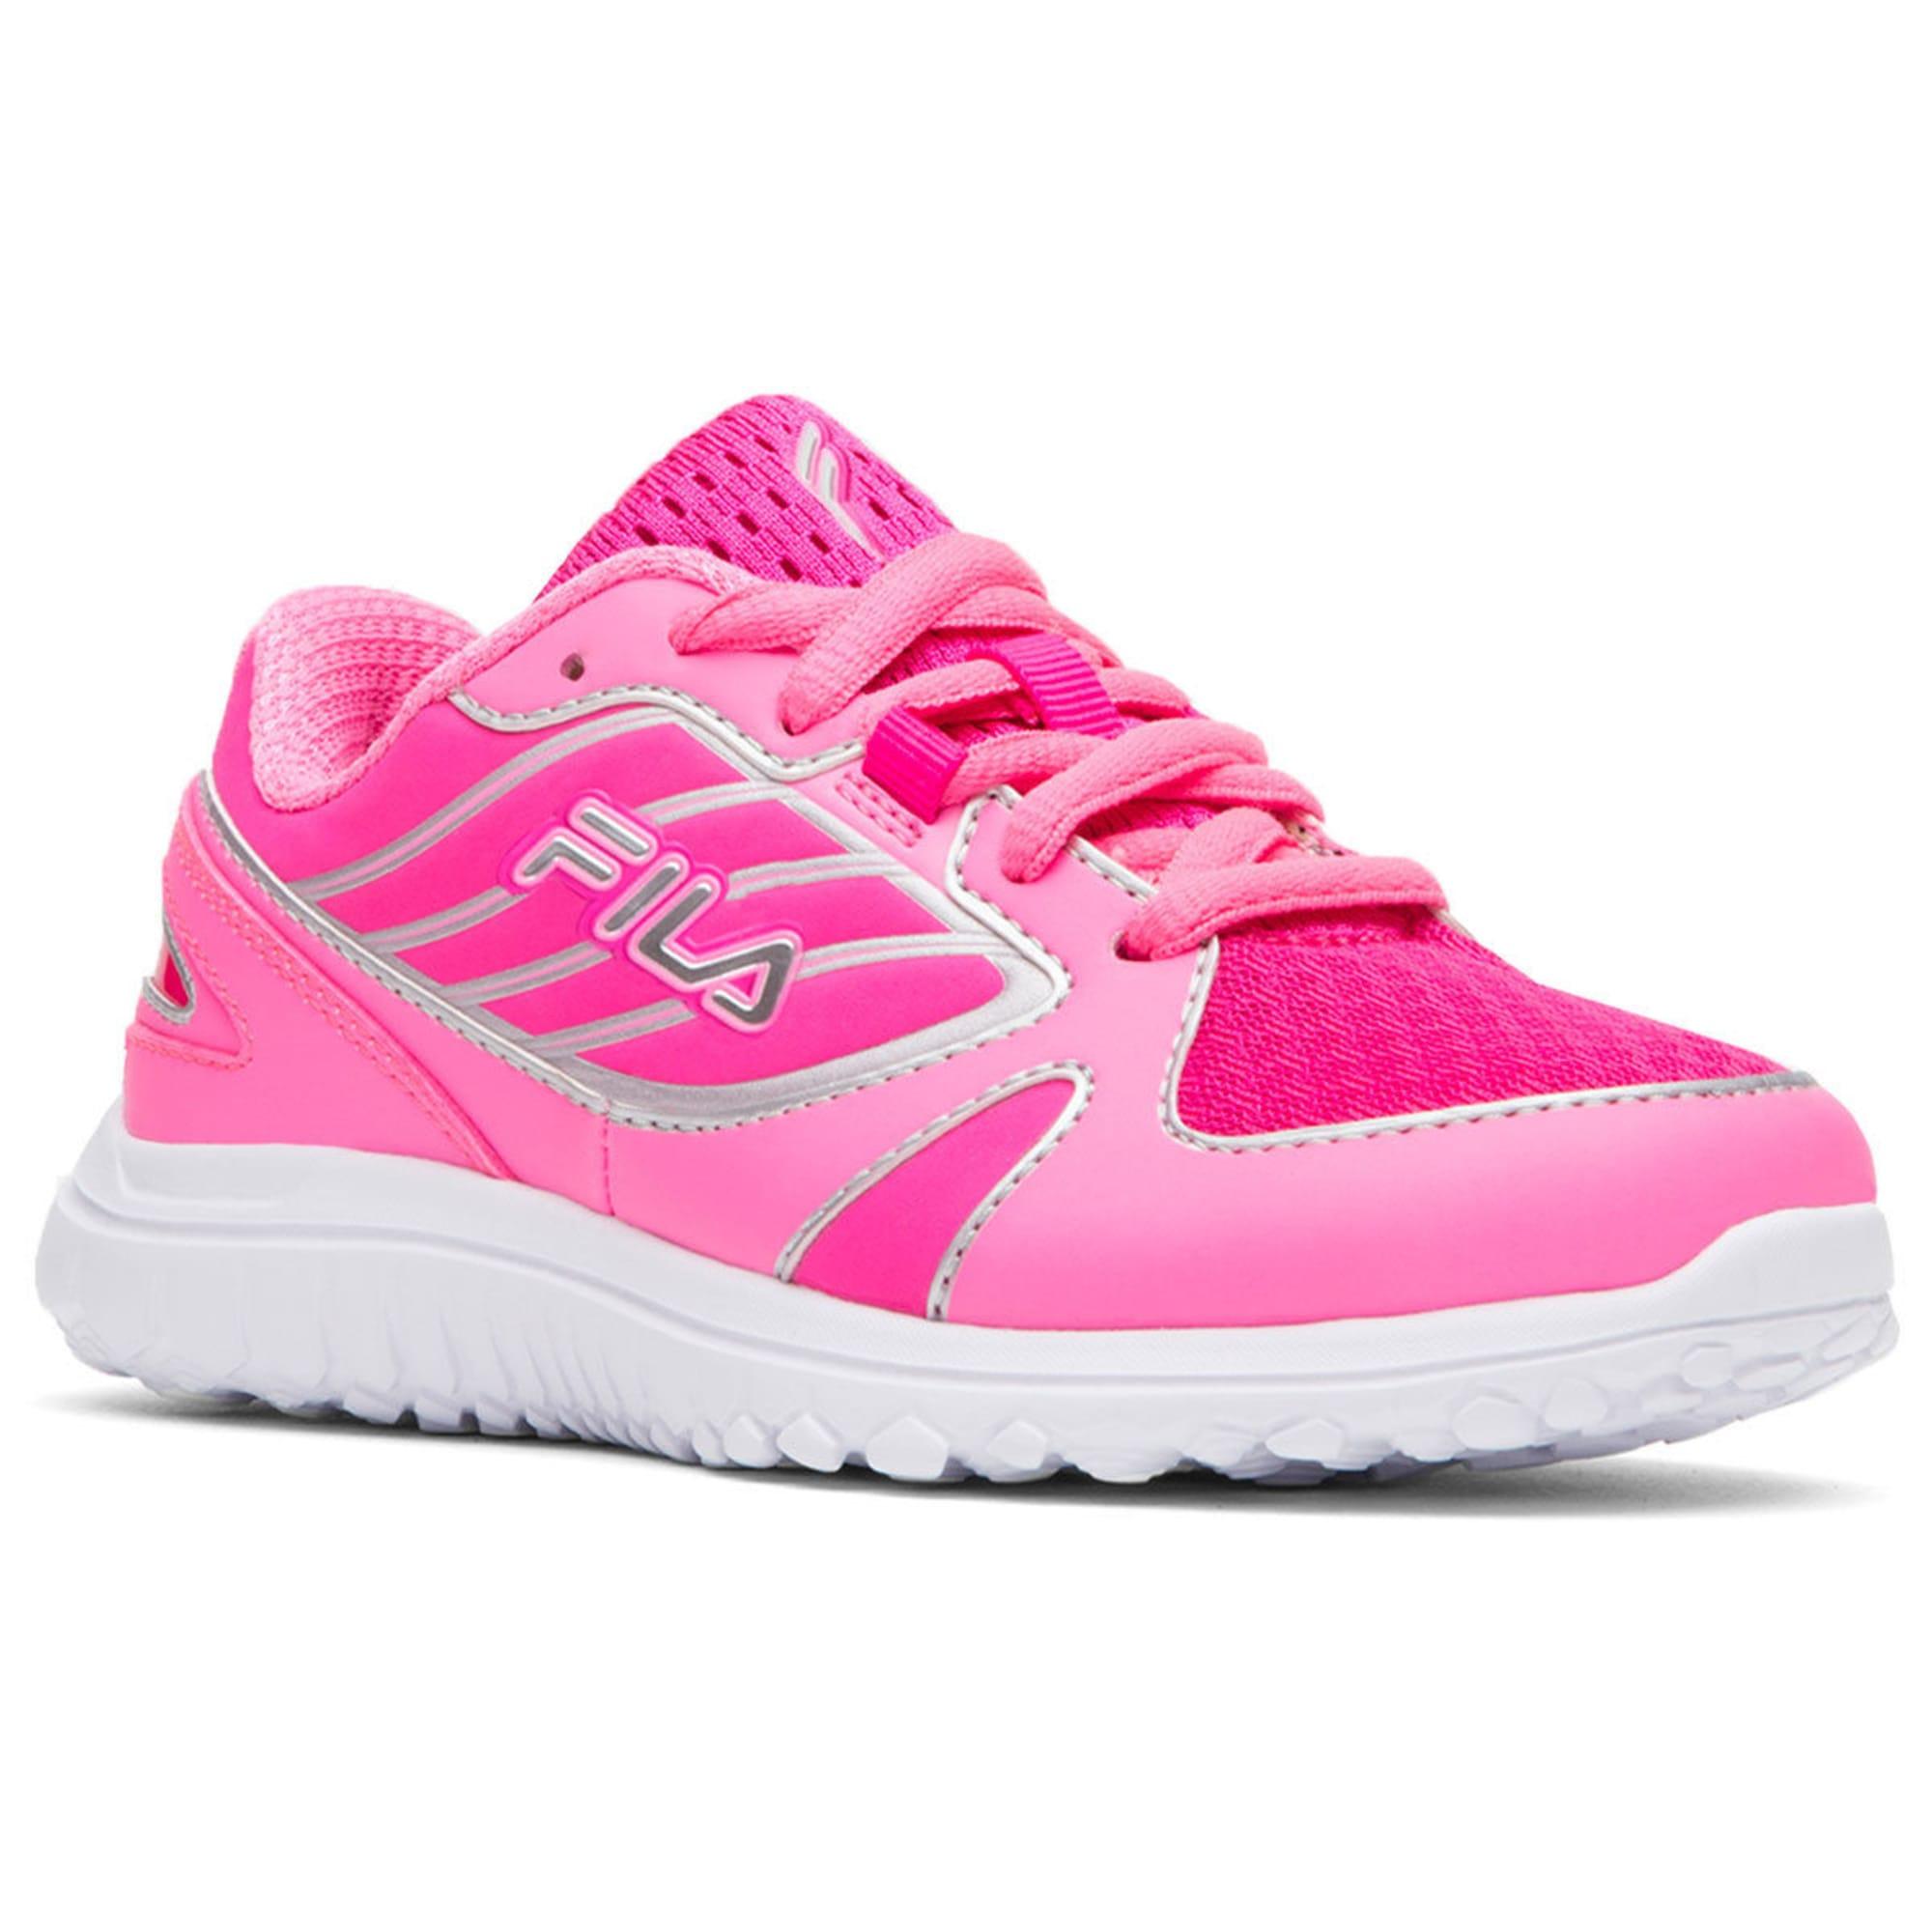 FILA Girls' Boomers Running Shoes, PinkWhite Bob's Stores